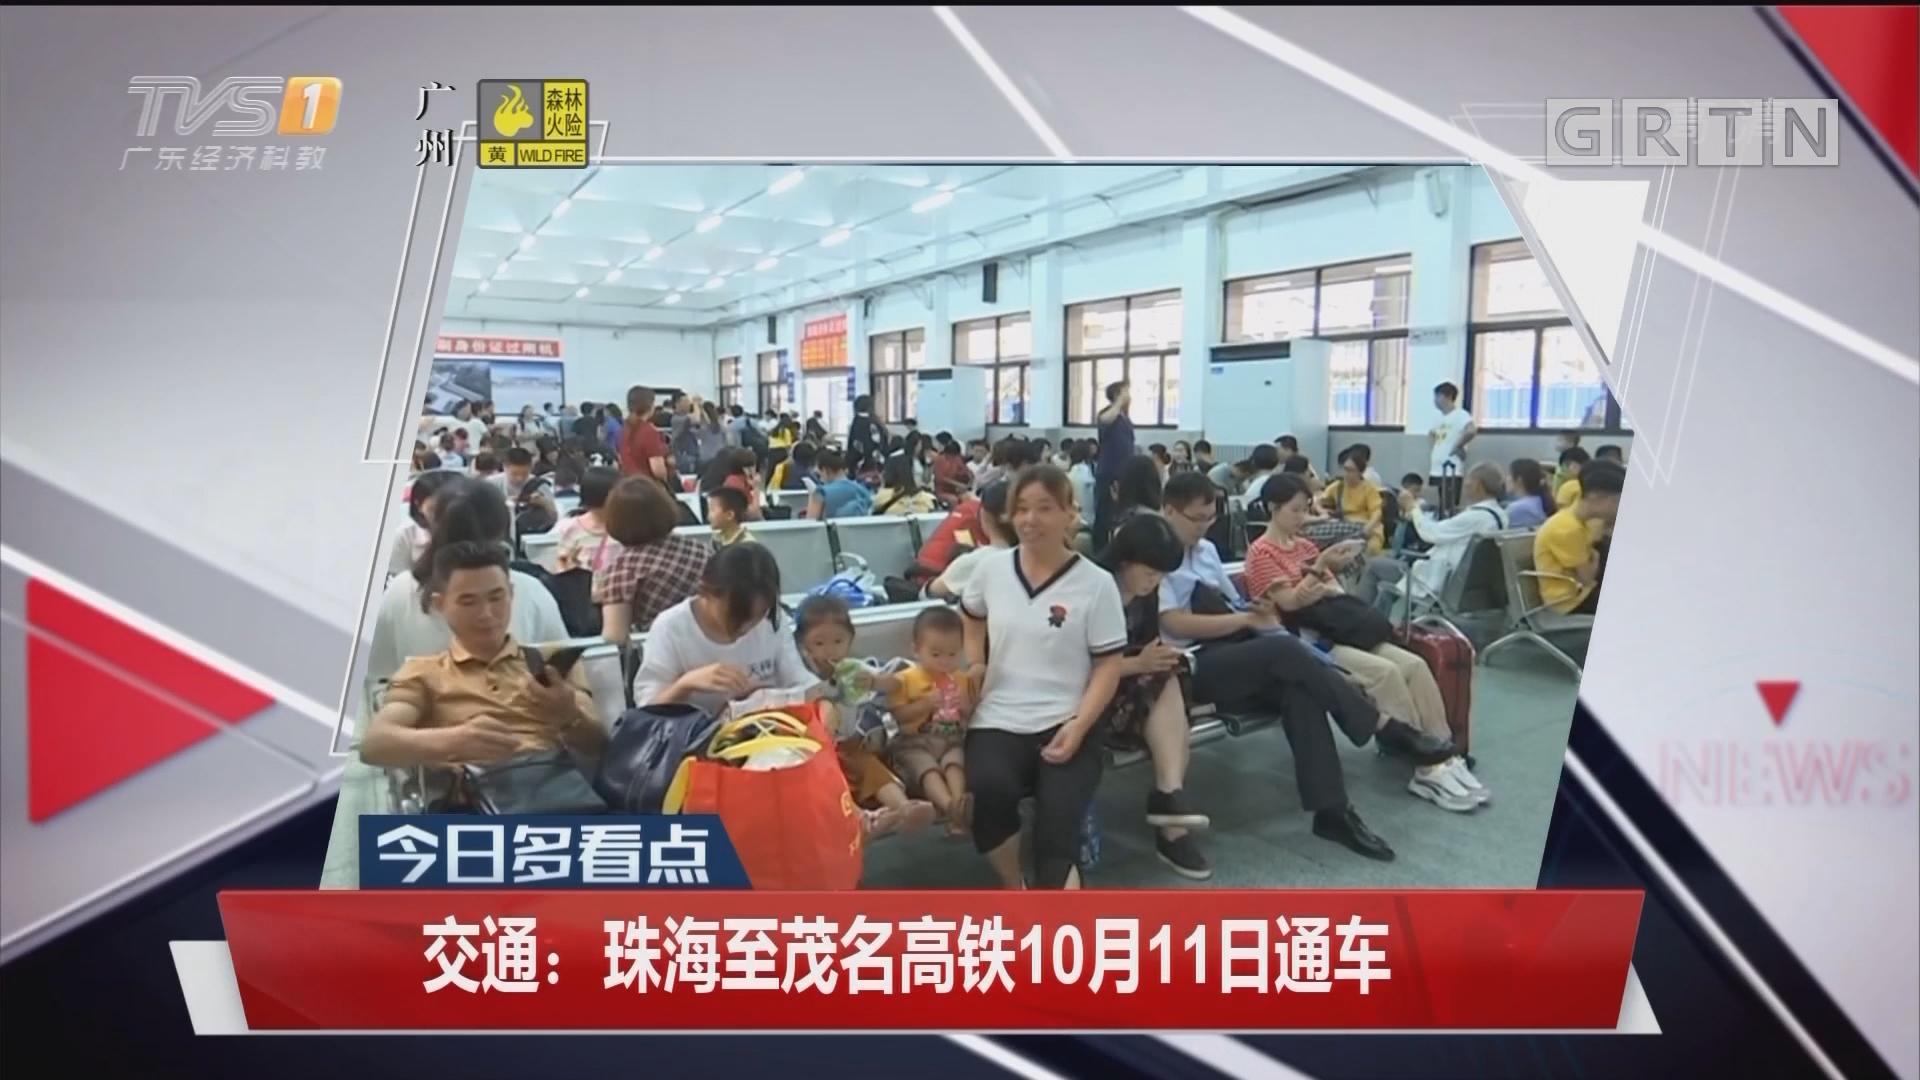 交通:珠海至茂名高铁10月11日通车